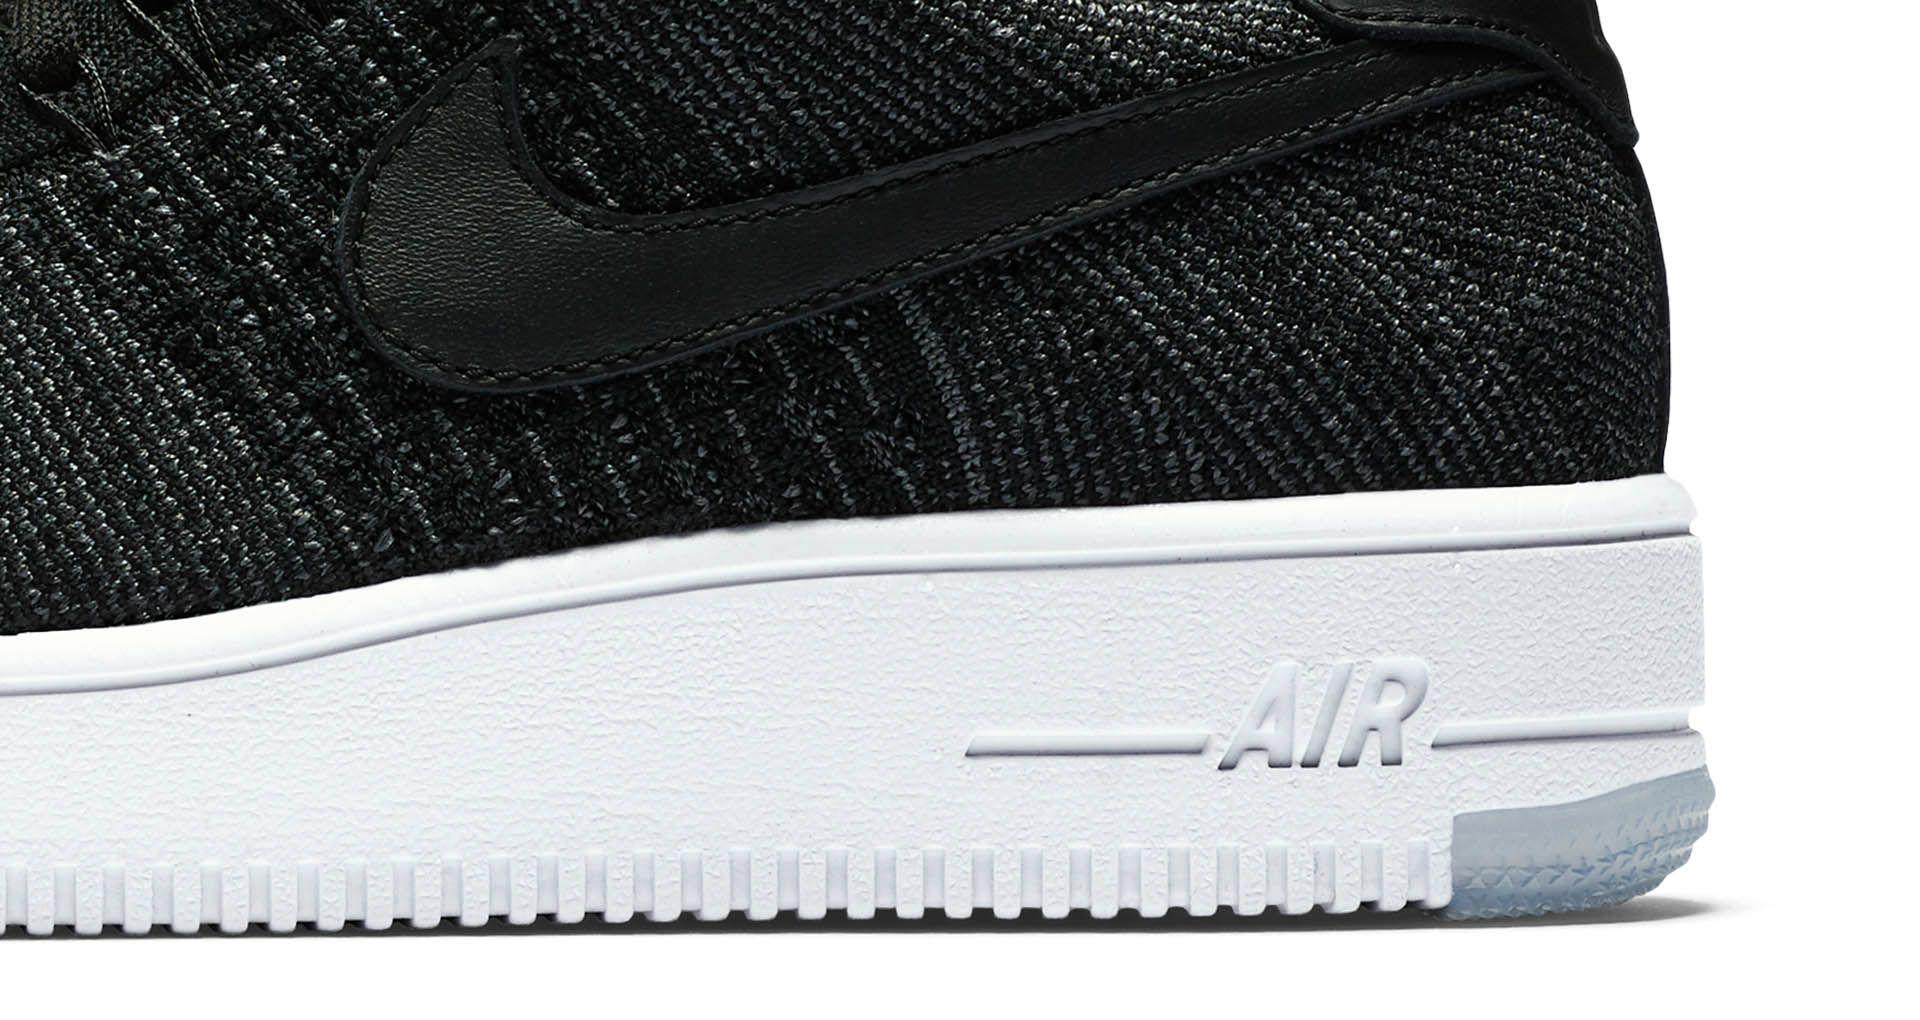 Women's Nike Air Force 1 Ultra Flyknit Low 'Black' Release